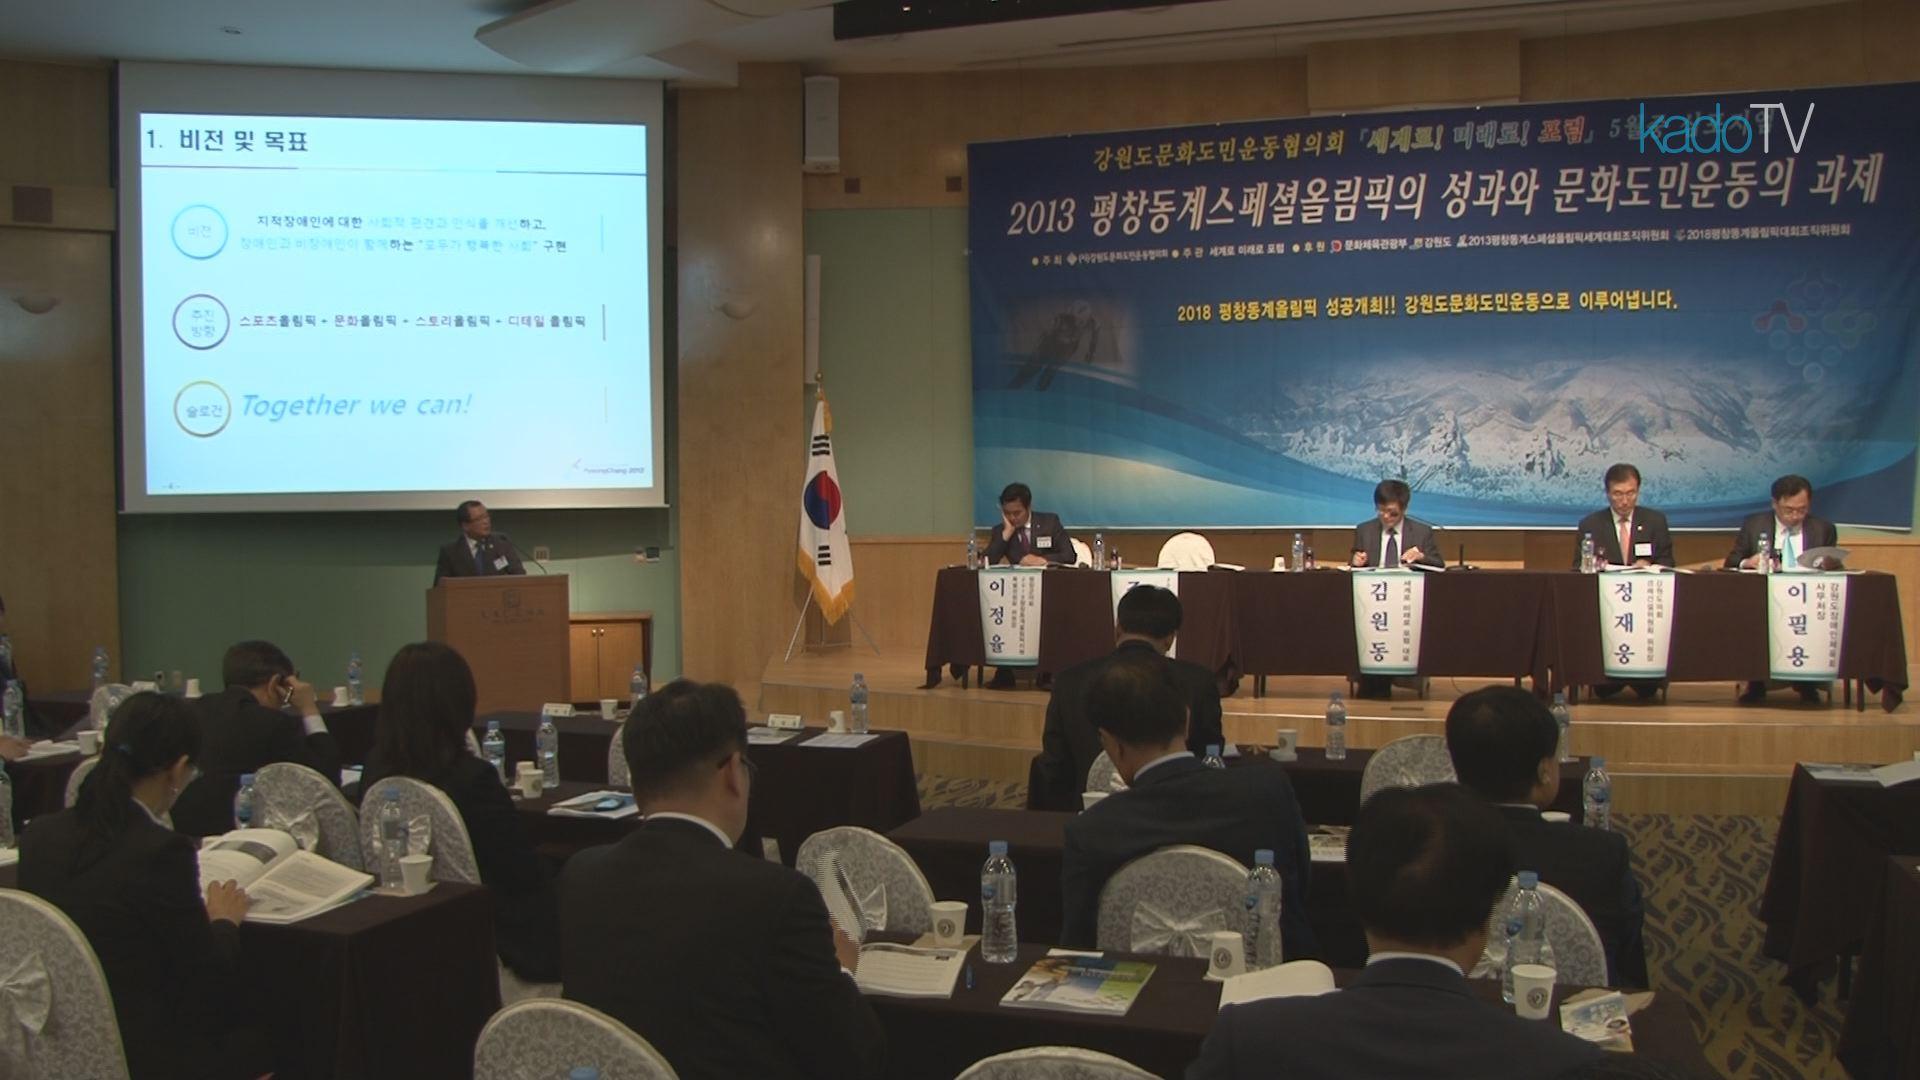 '세계로 미래로' 심포지엄 개최